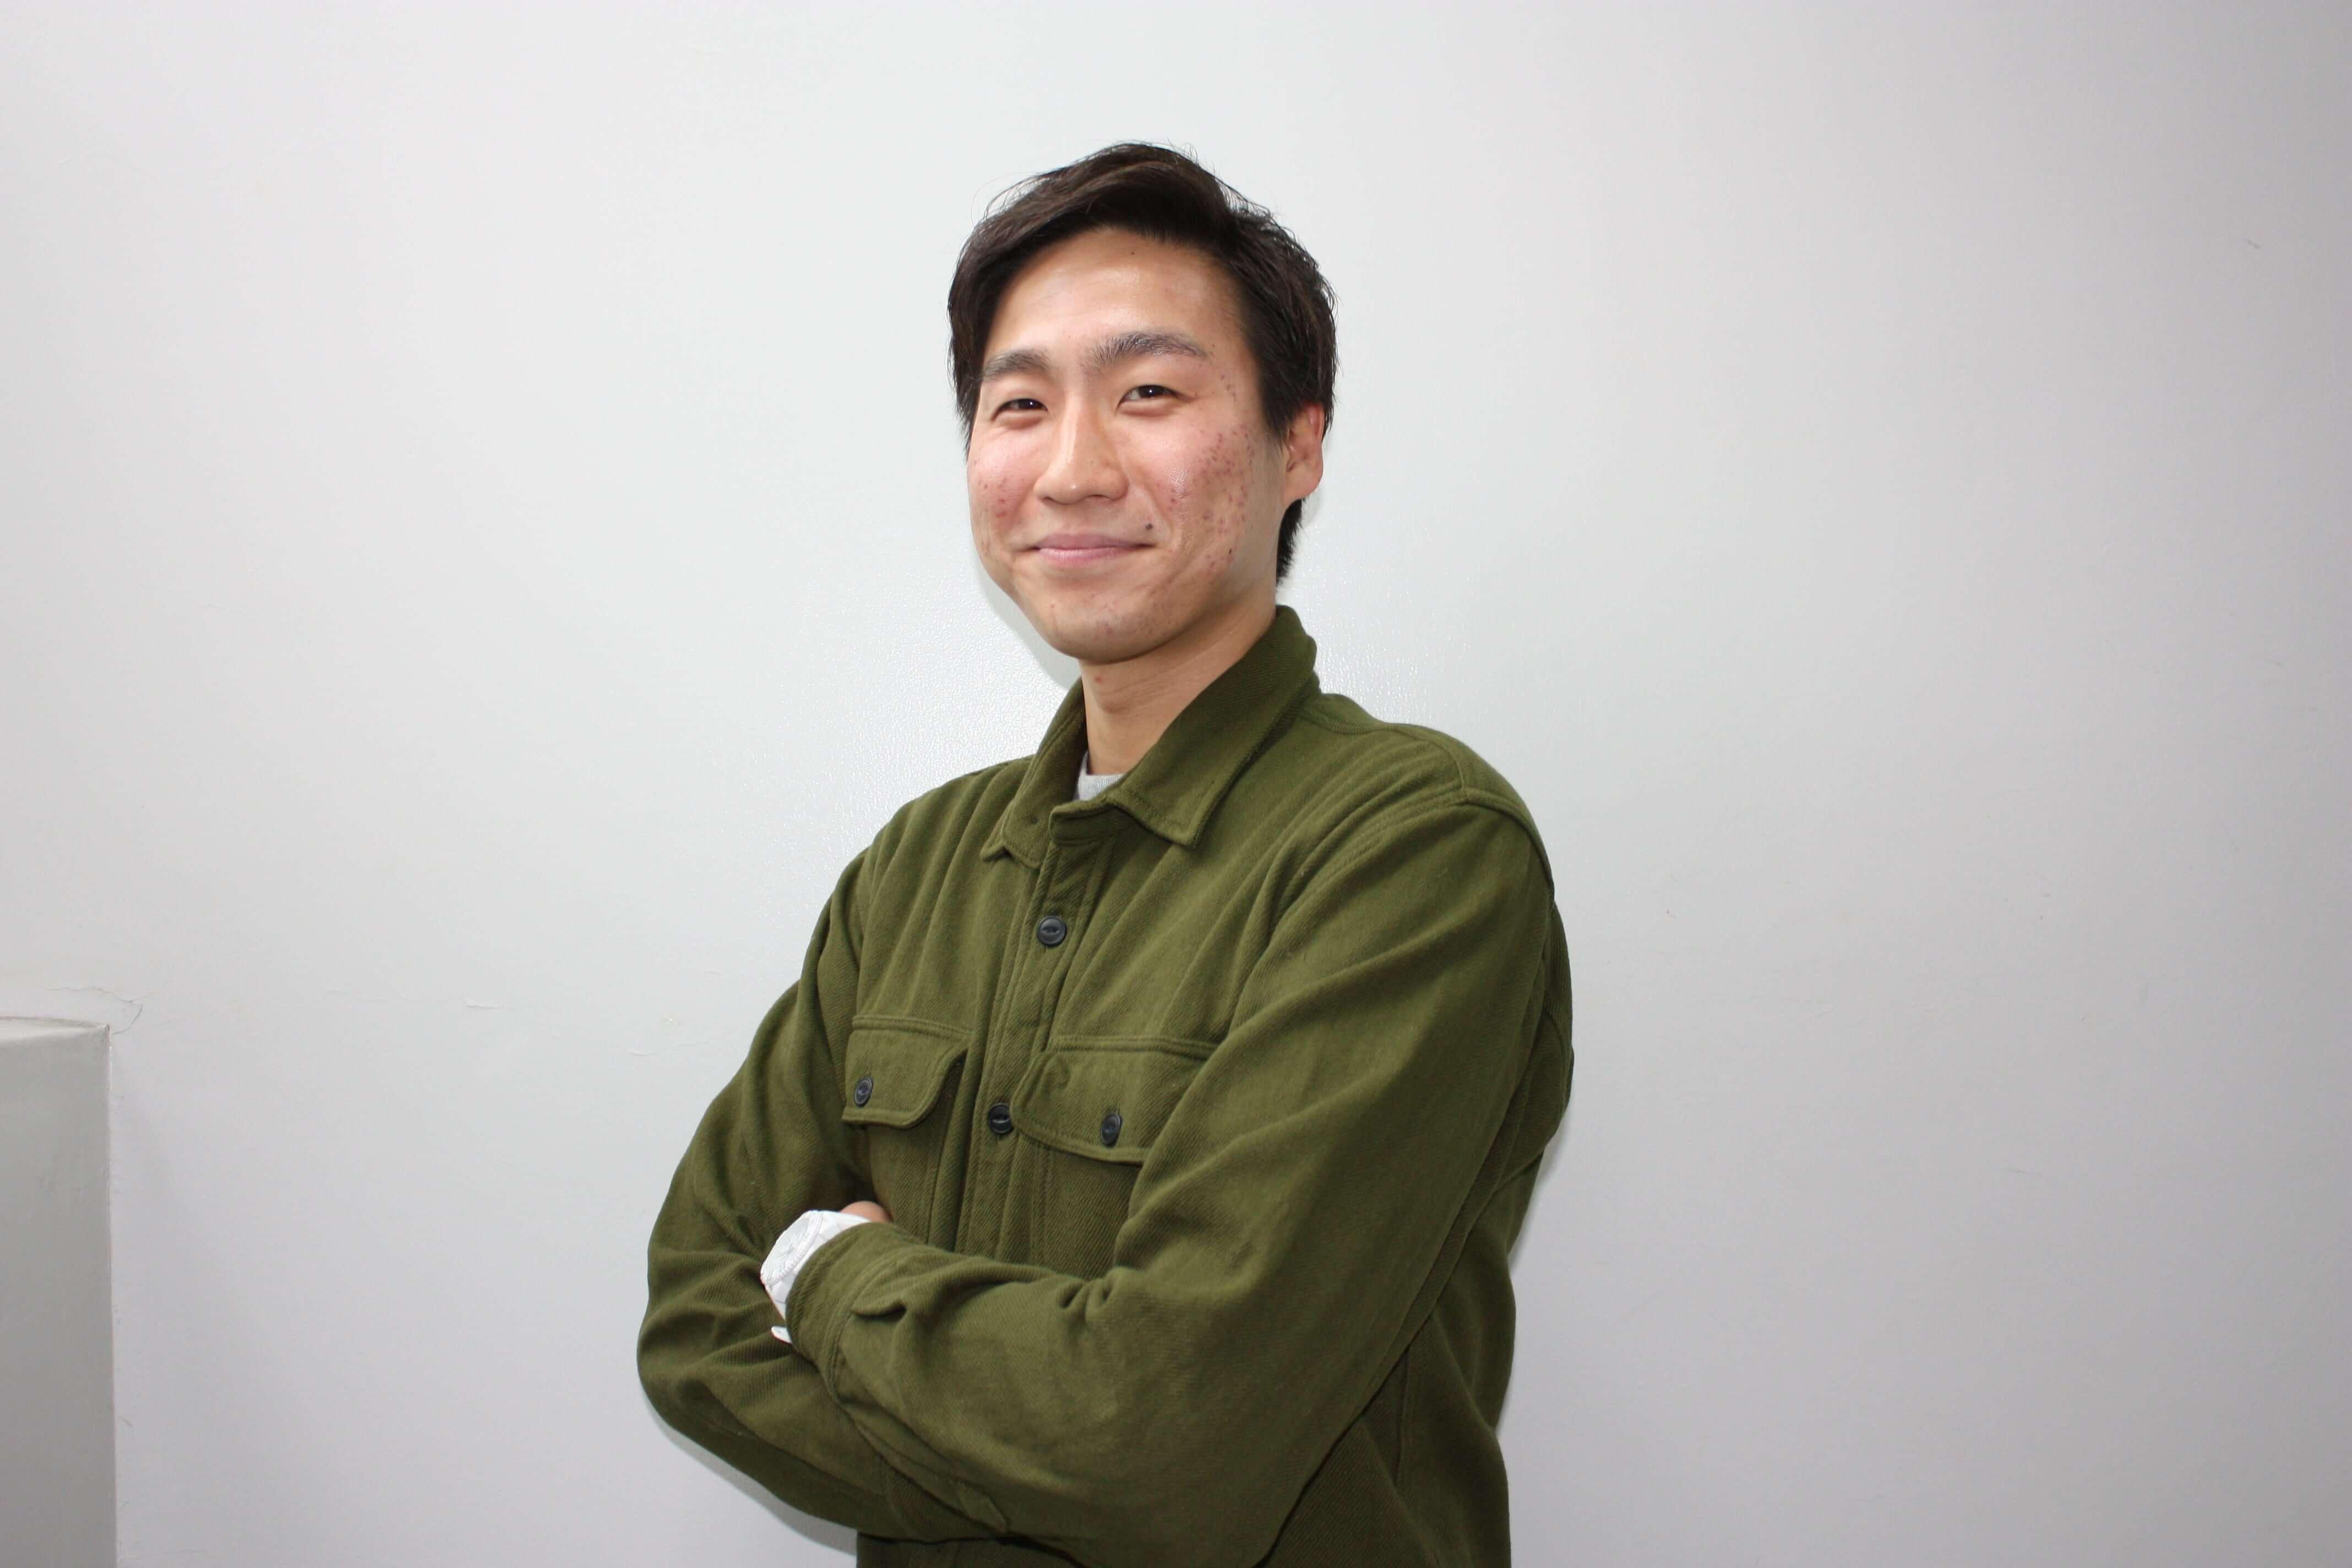 コーディネーター 清水 健斗(しみず けんと)